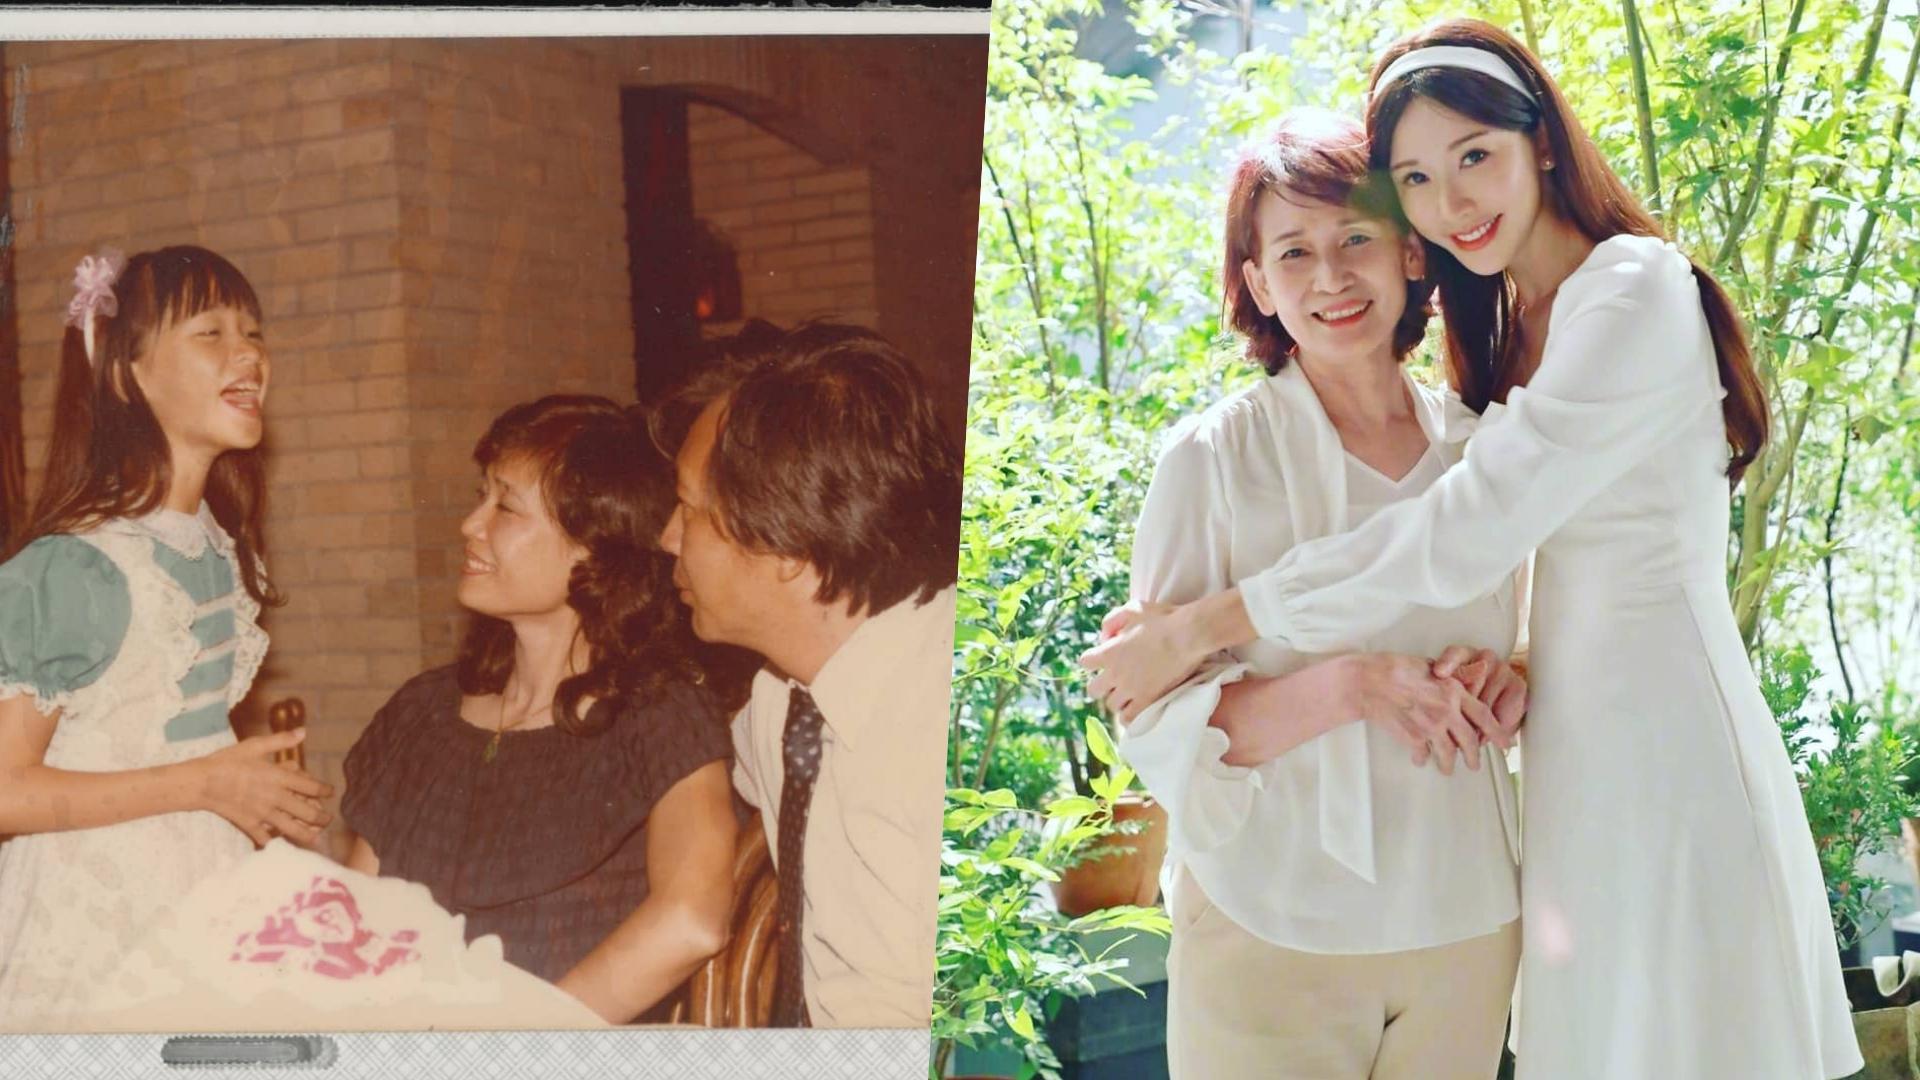 曬出童年照,除了媽媽漂亮之外,林志玲也是從小美到大!